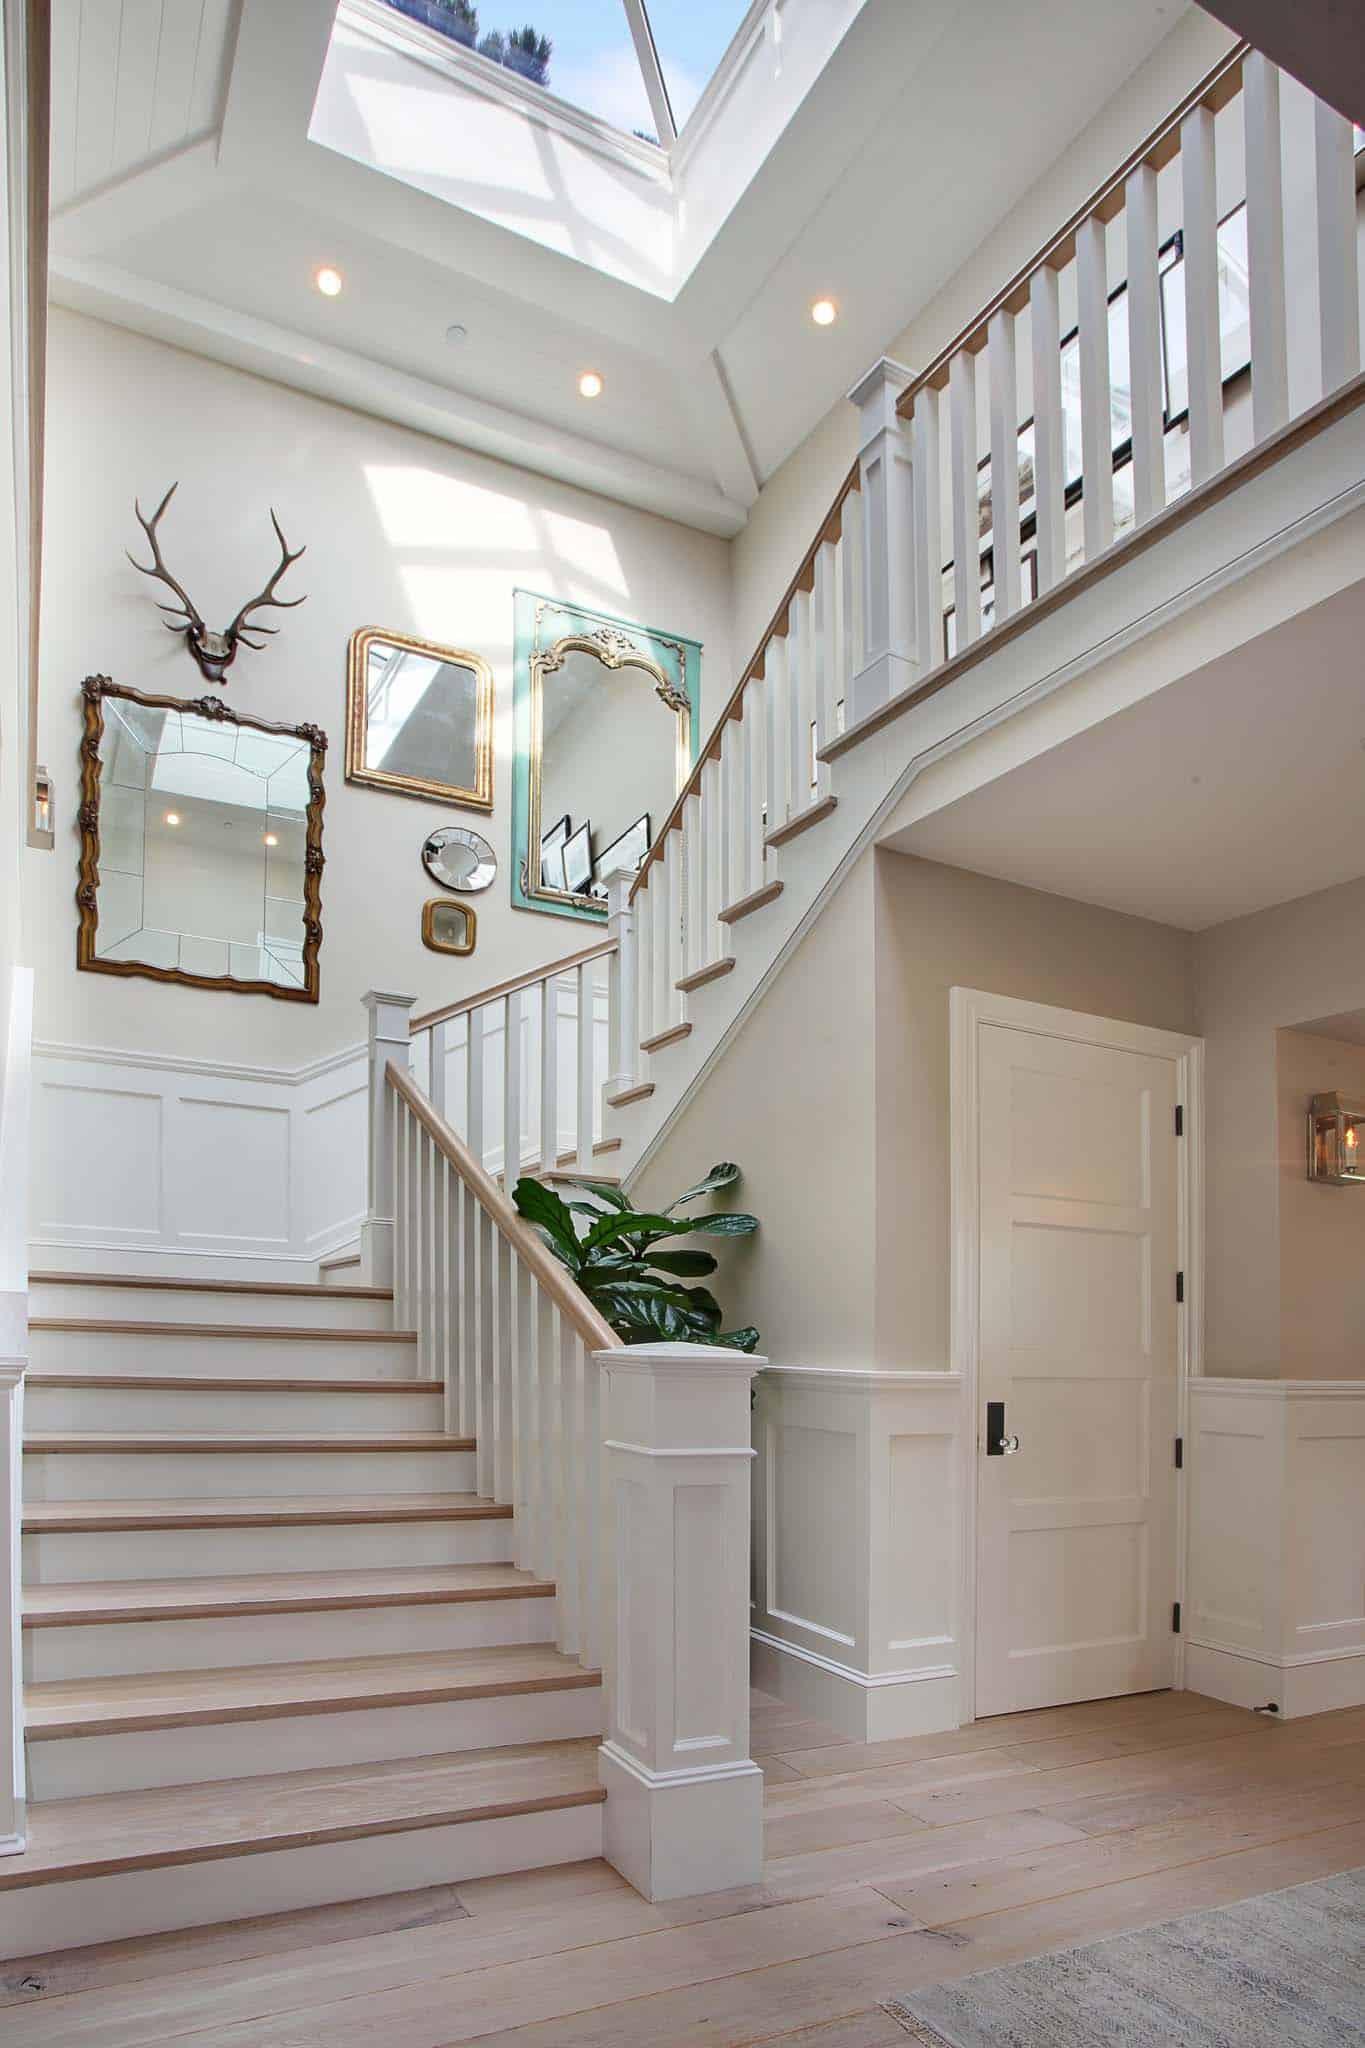 maison-de-style-traditionnelle-patterson-maisons-sur-mesure-03-1-kindesign